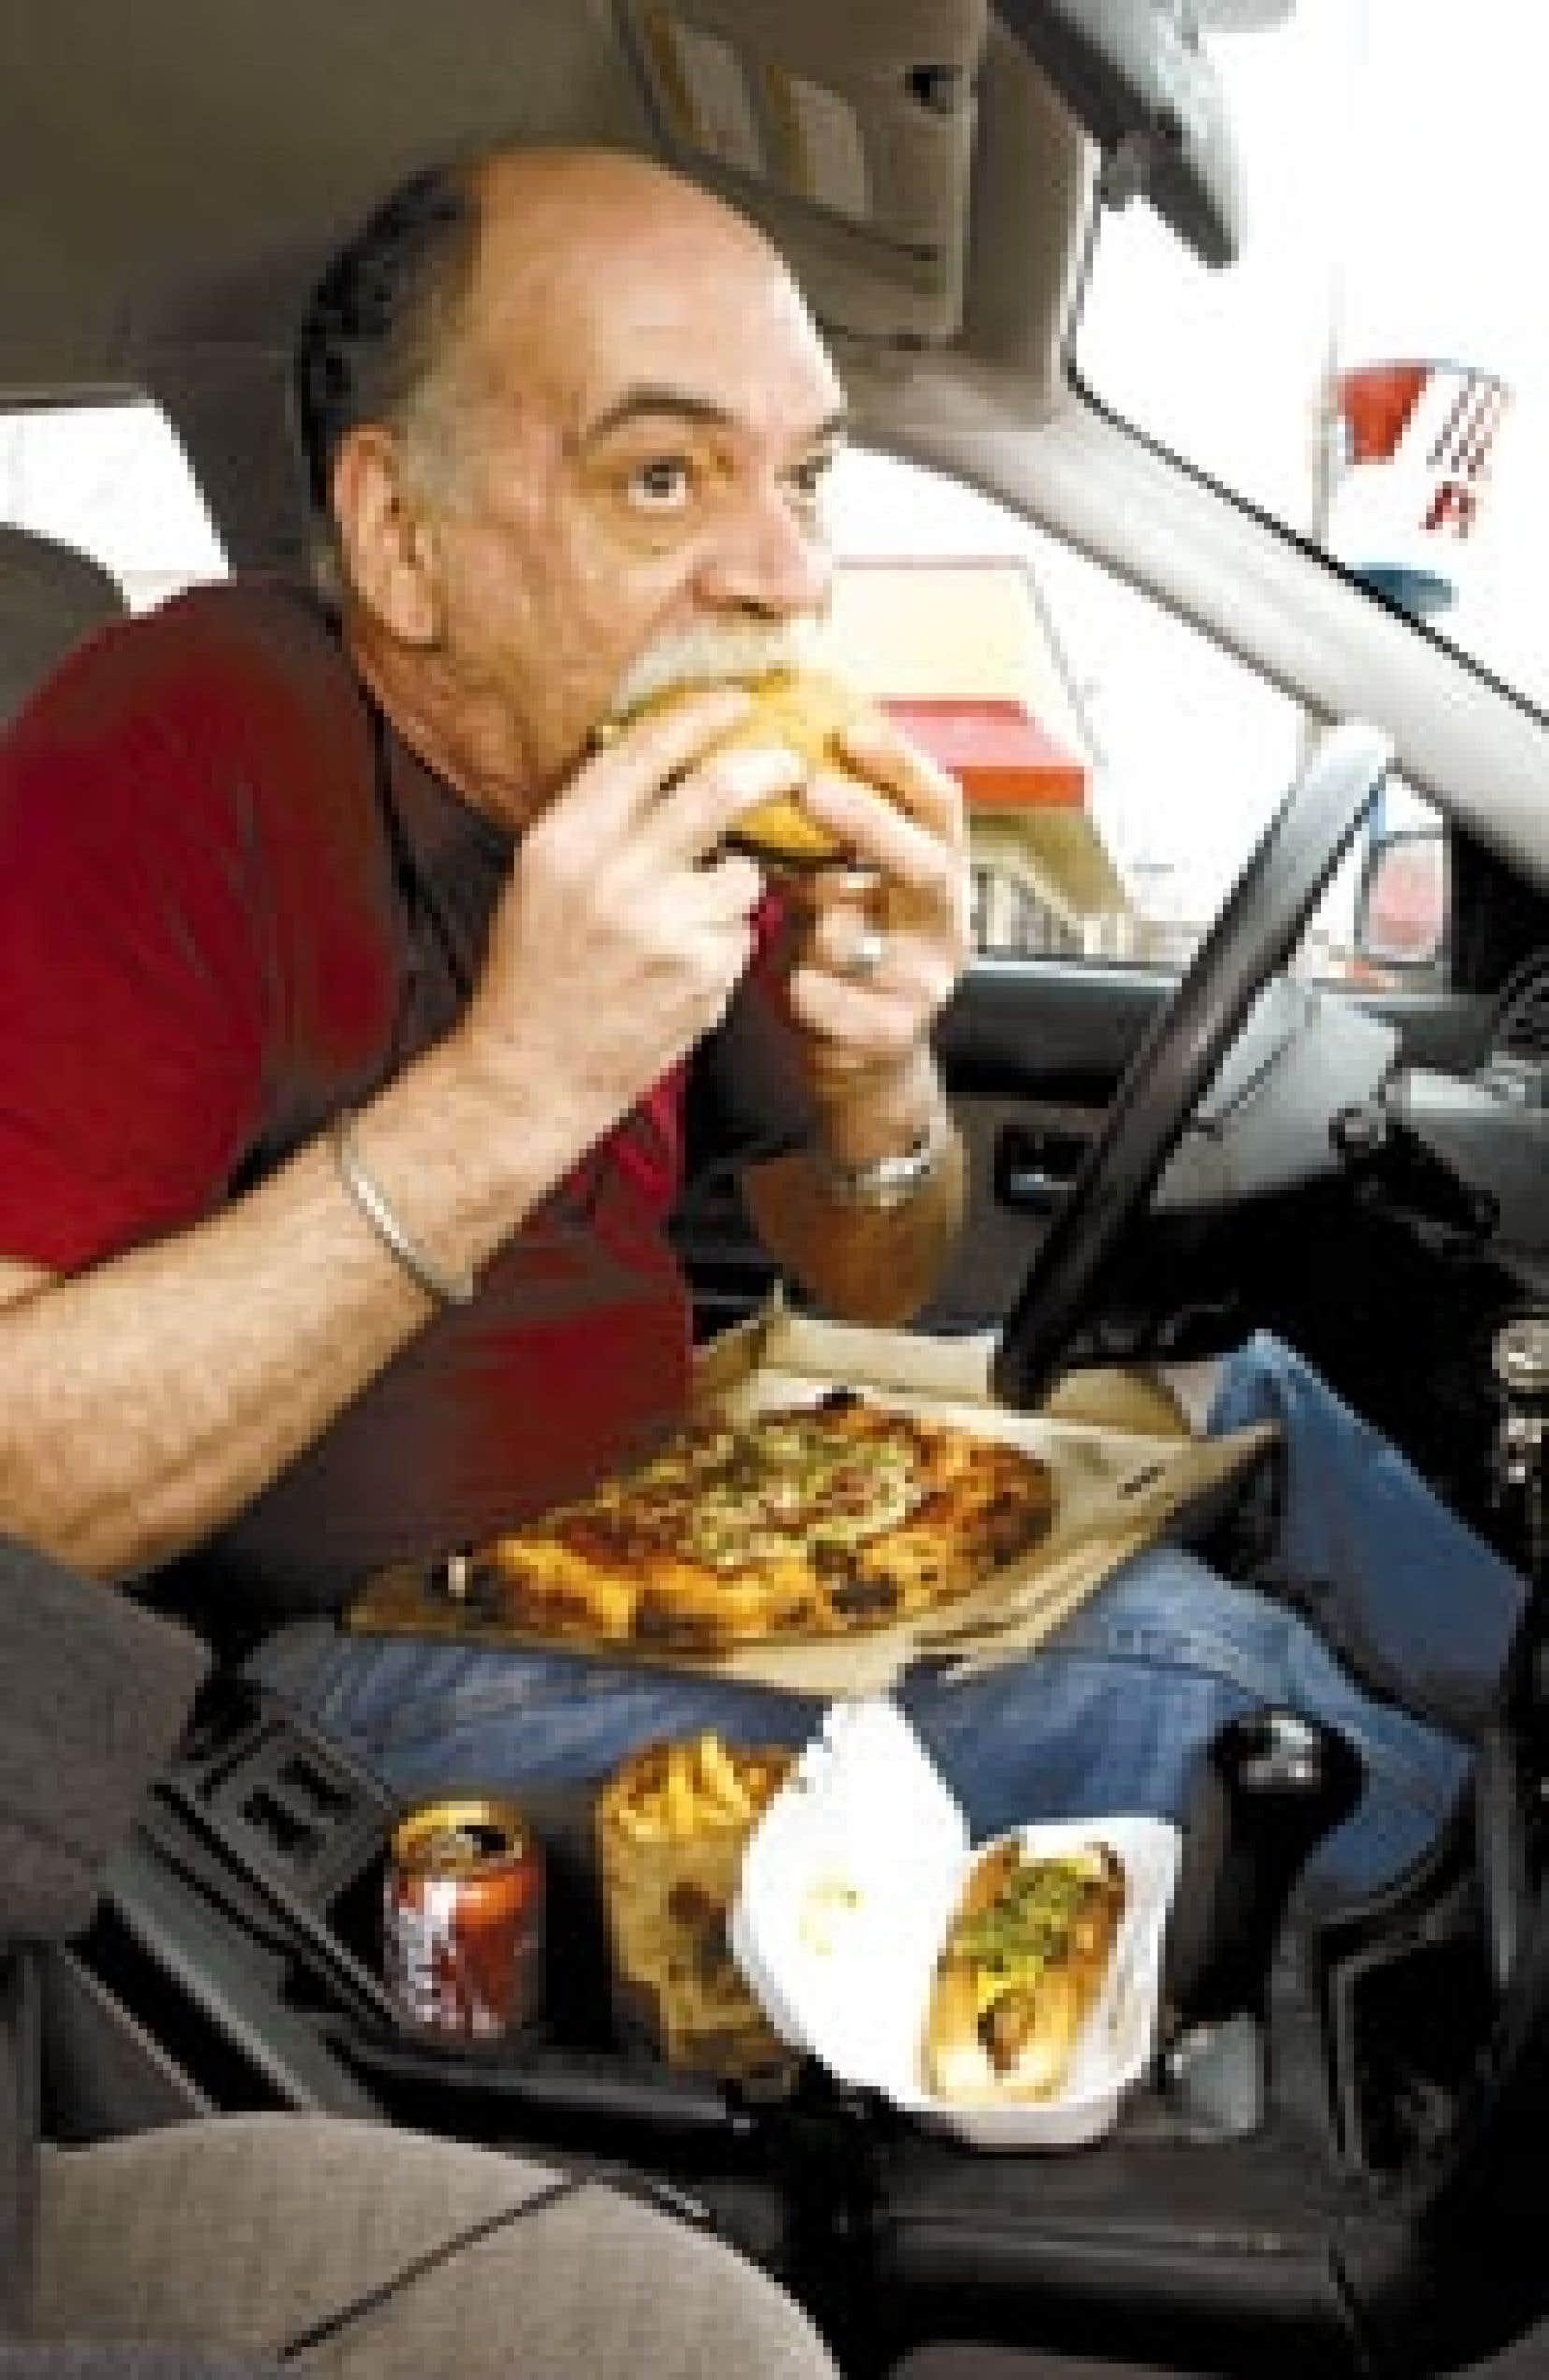 Selon un mémoire présenté par l'Ordre professionnel des diététistes du Québec, les consommateurs québécois allouent en moyenne 28 % du budget alimentaire aux repas au restaurant. Le manque de temps est la principale raison évoquée par les con